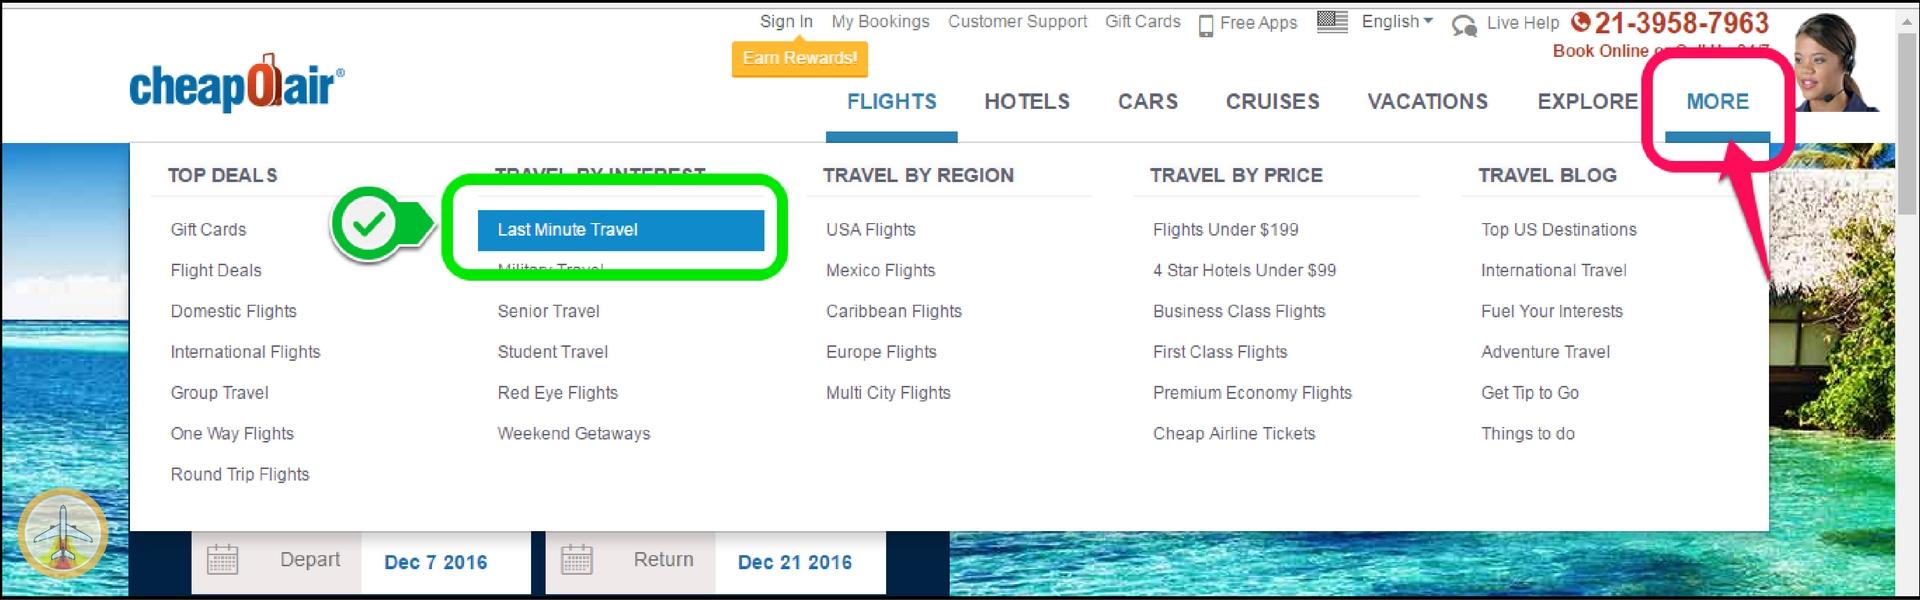 voos-baratos-de-ultima-hora-cheapoair-1 Como comprar voos baratos em cima da hora (CheapOair)